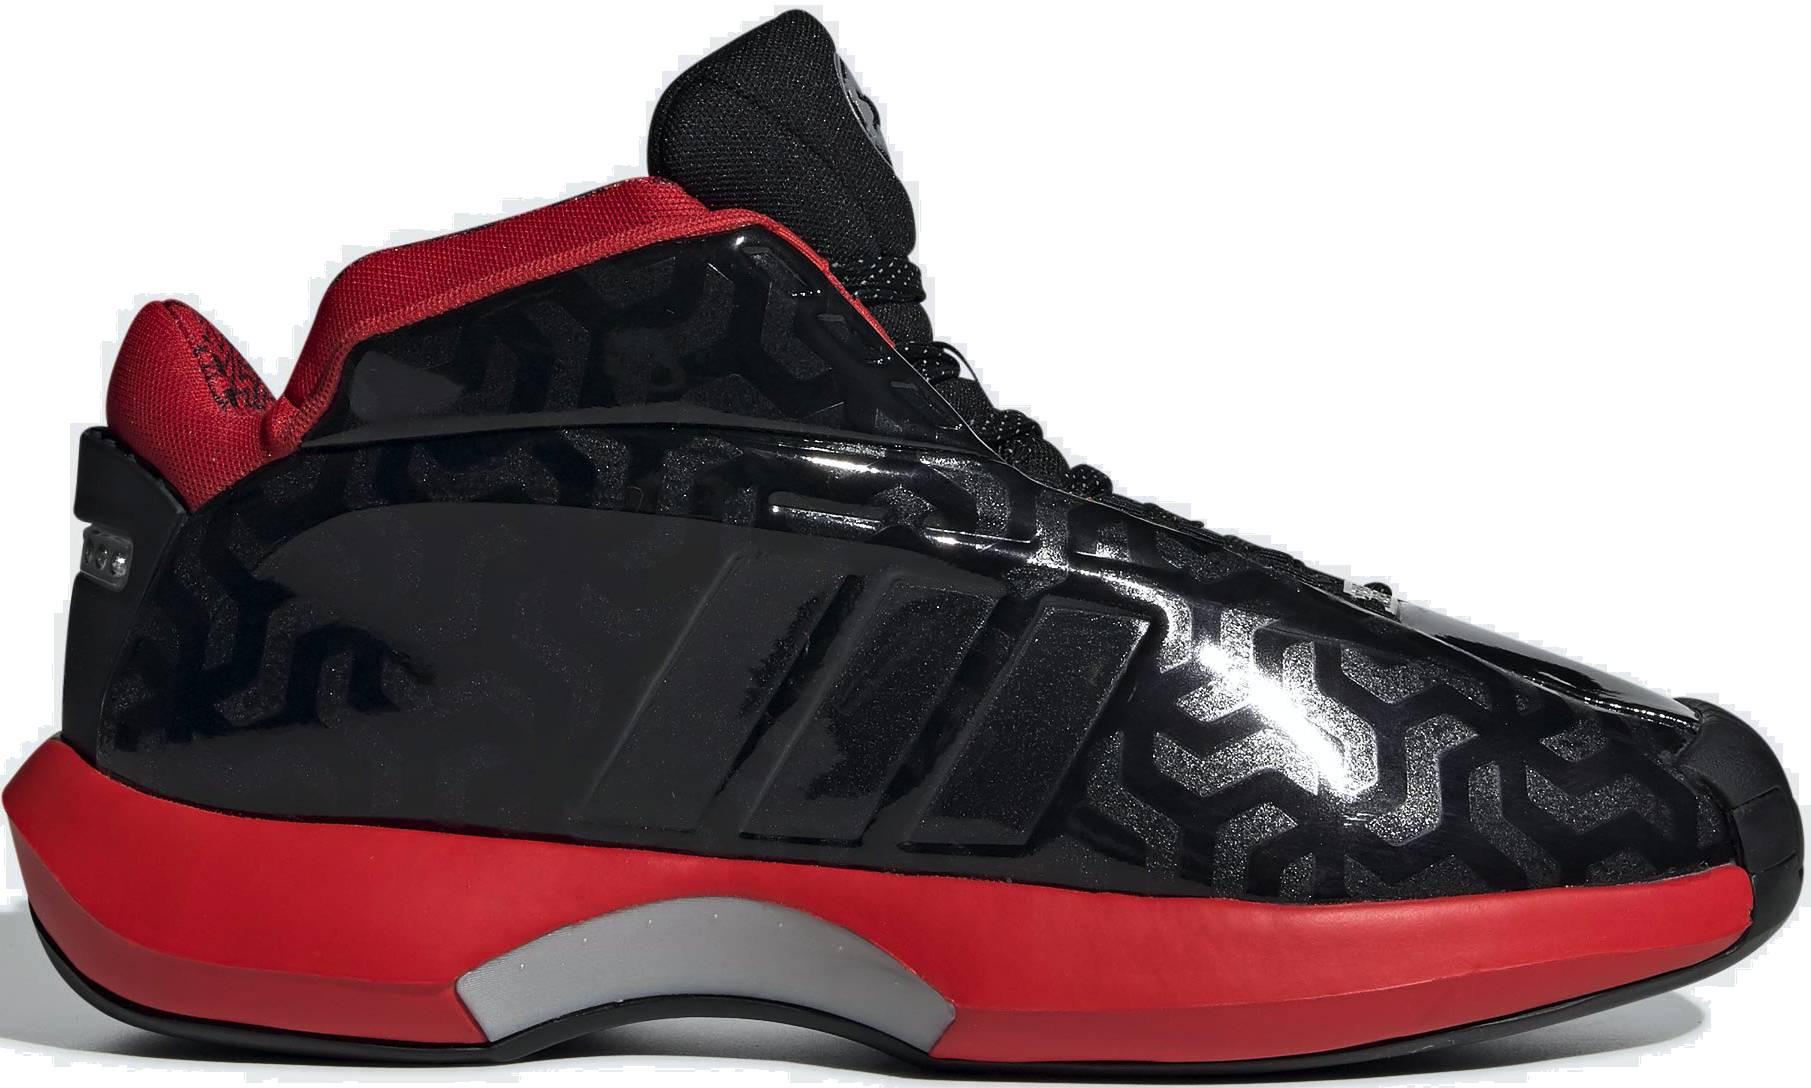 10 Adidas Crazy basketball shoes - Save 48% | RunRepeat